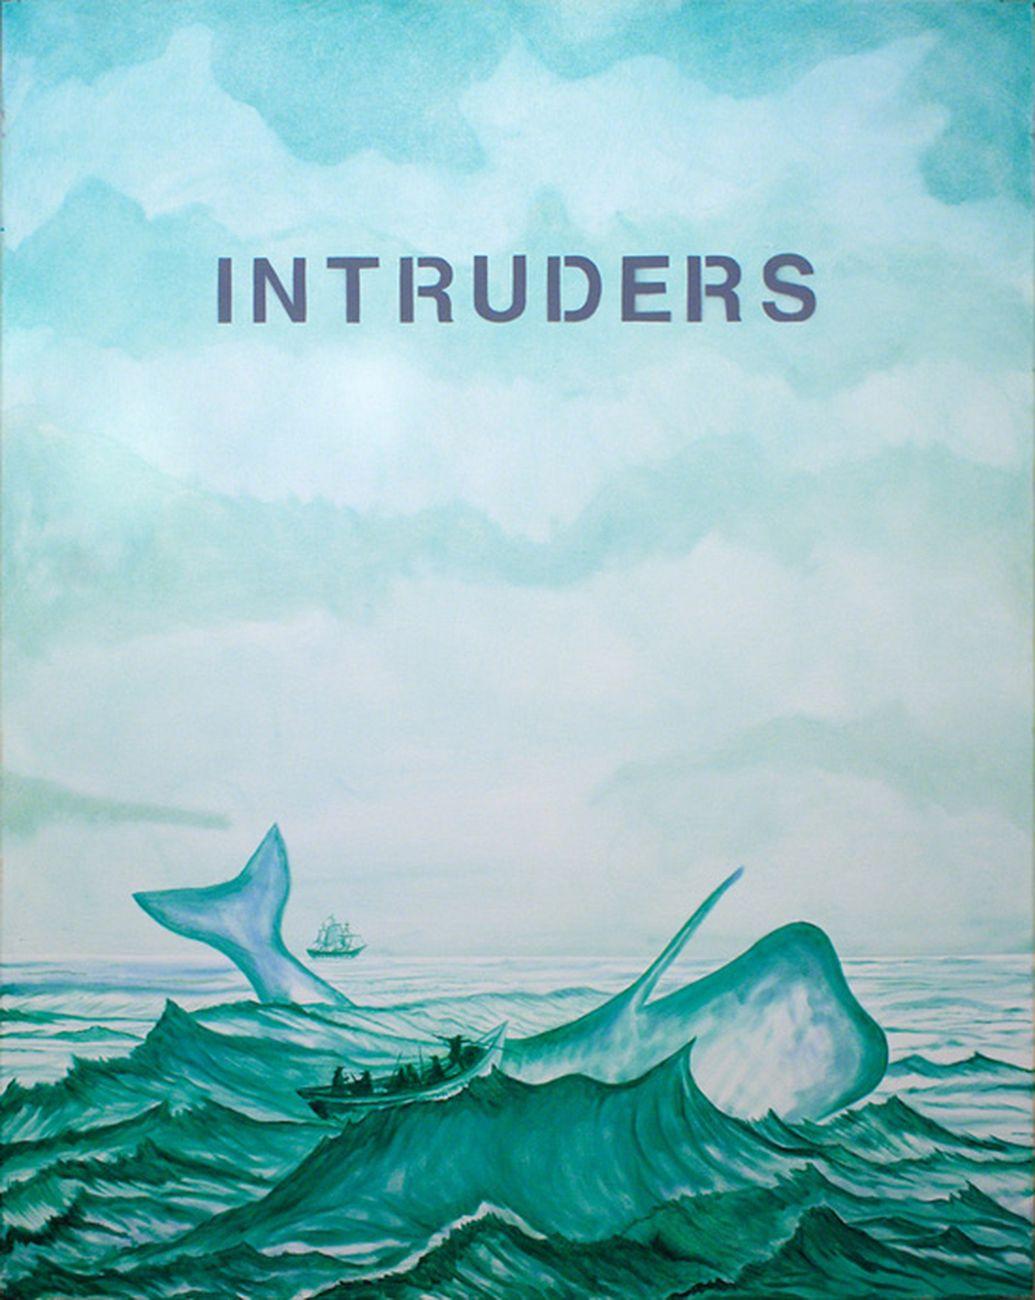 John Fekner & Don Leicht, Intruders, 2006